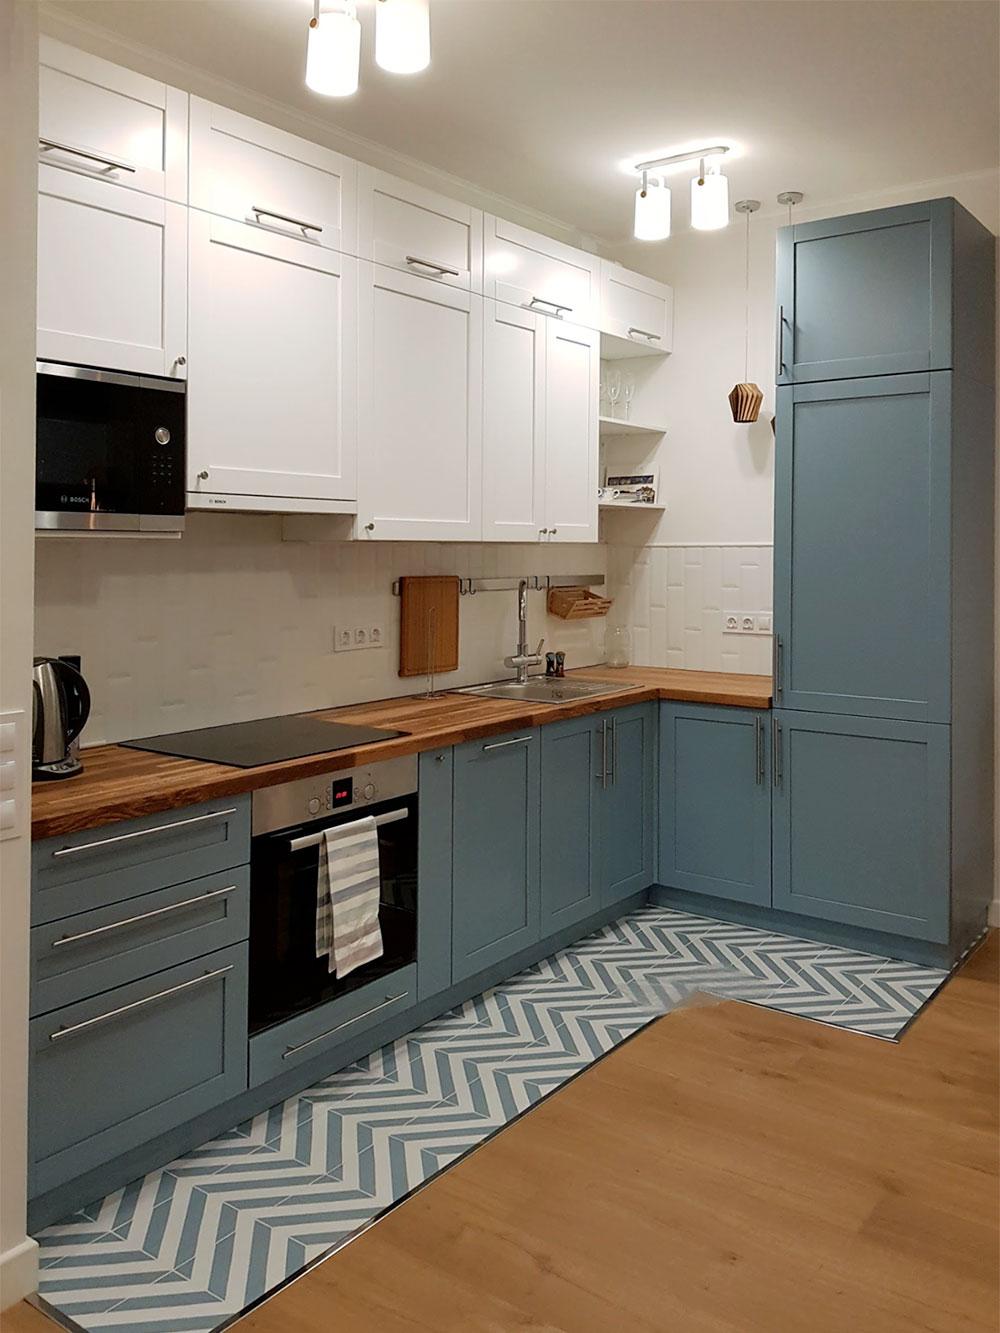 Так выглядит кухня после ремонта